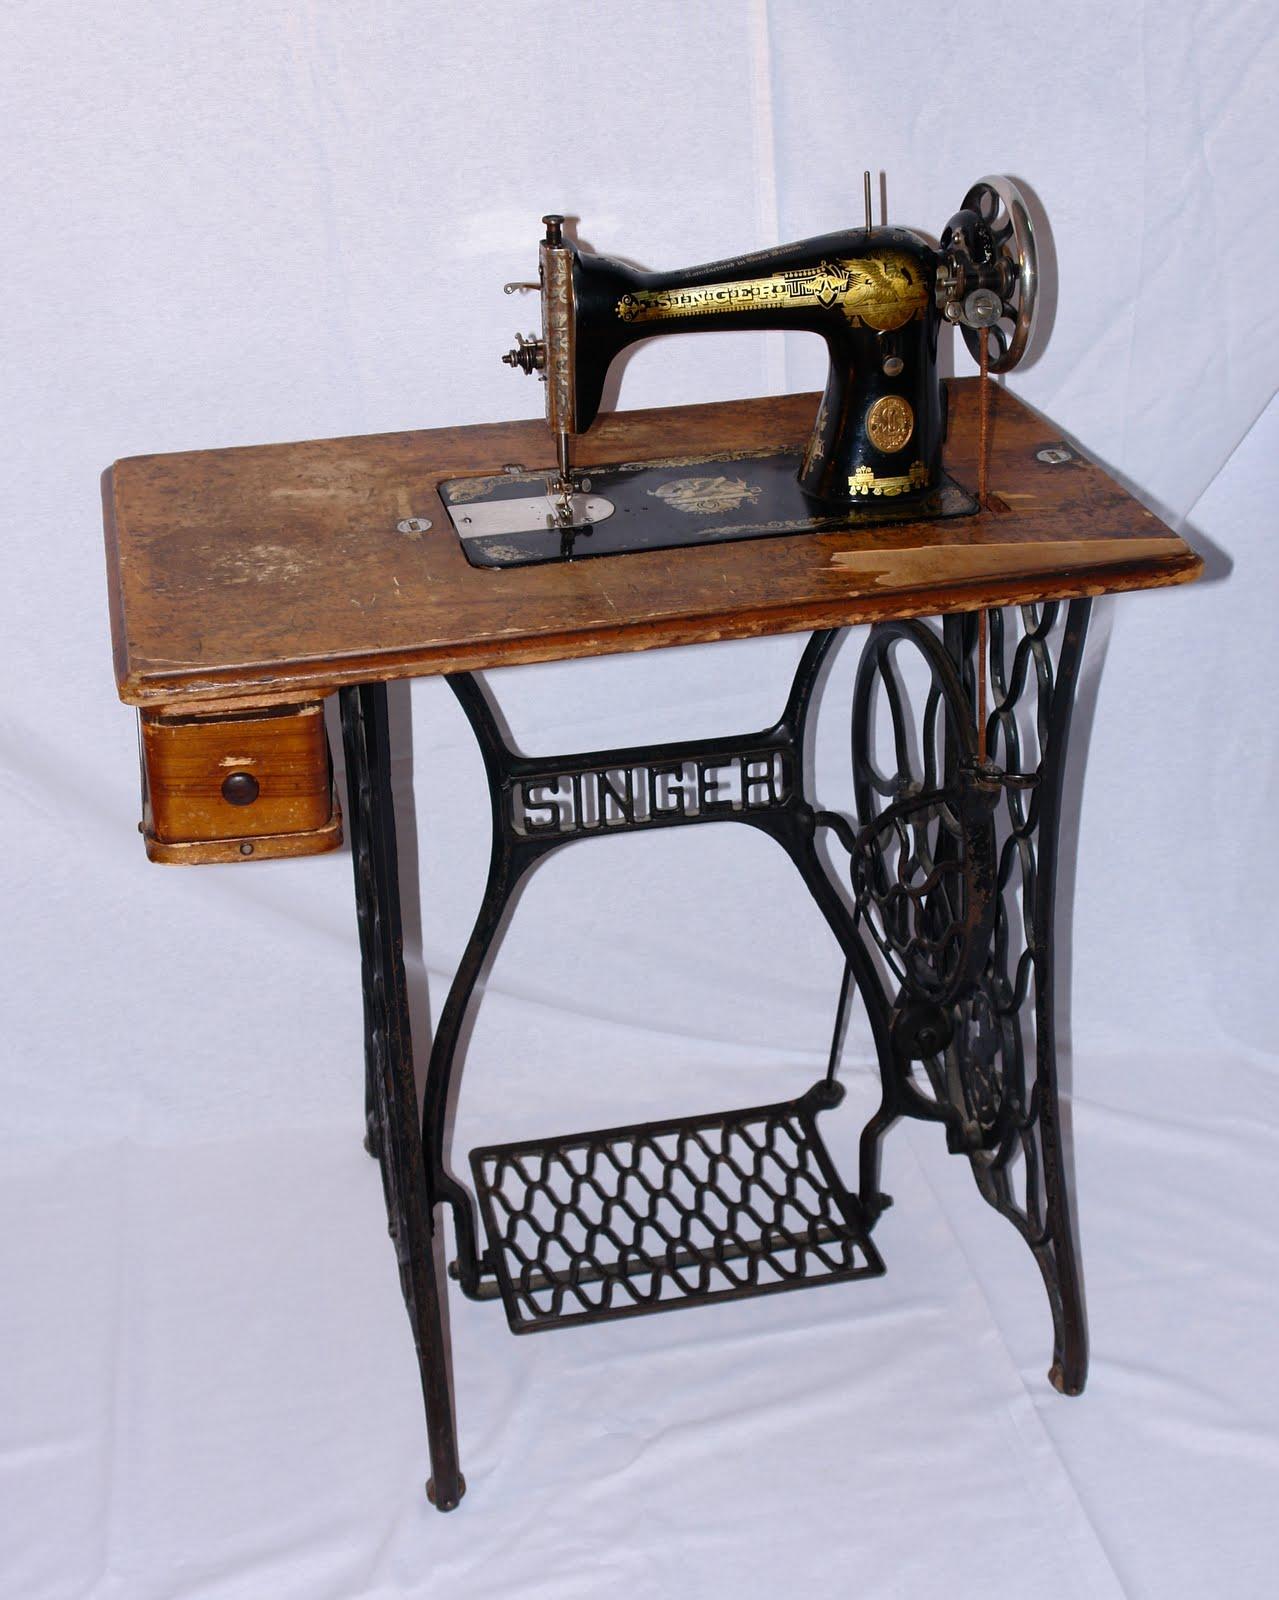 Noticias del museo de c ceres junio 2010 - Maquinas de coser restauradas ...